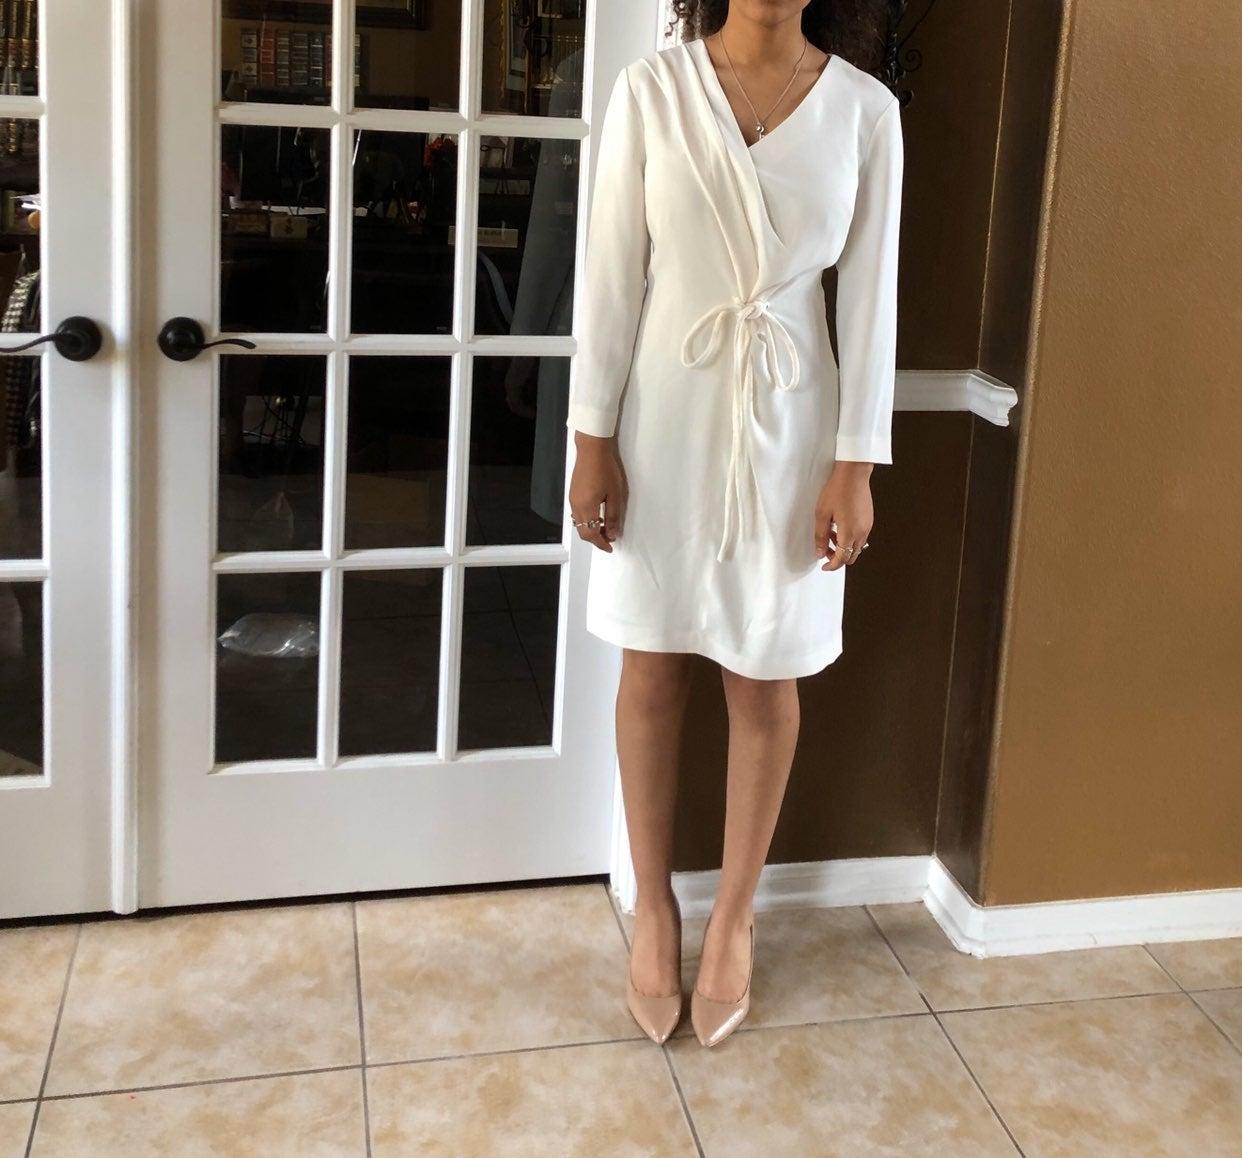 NWT! Armani Exchange Elegant White Dress